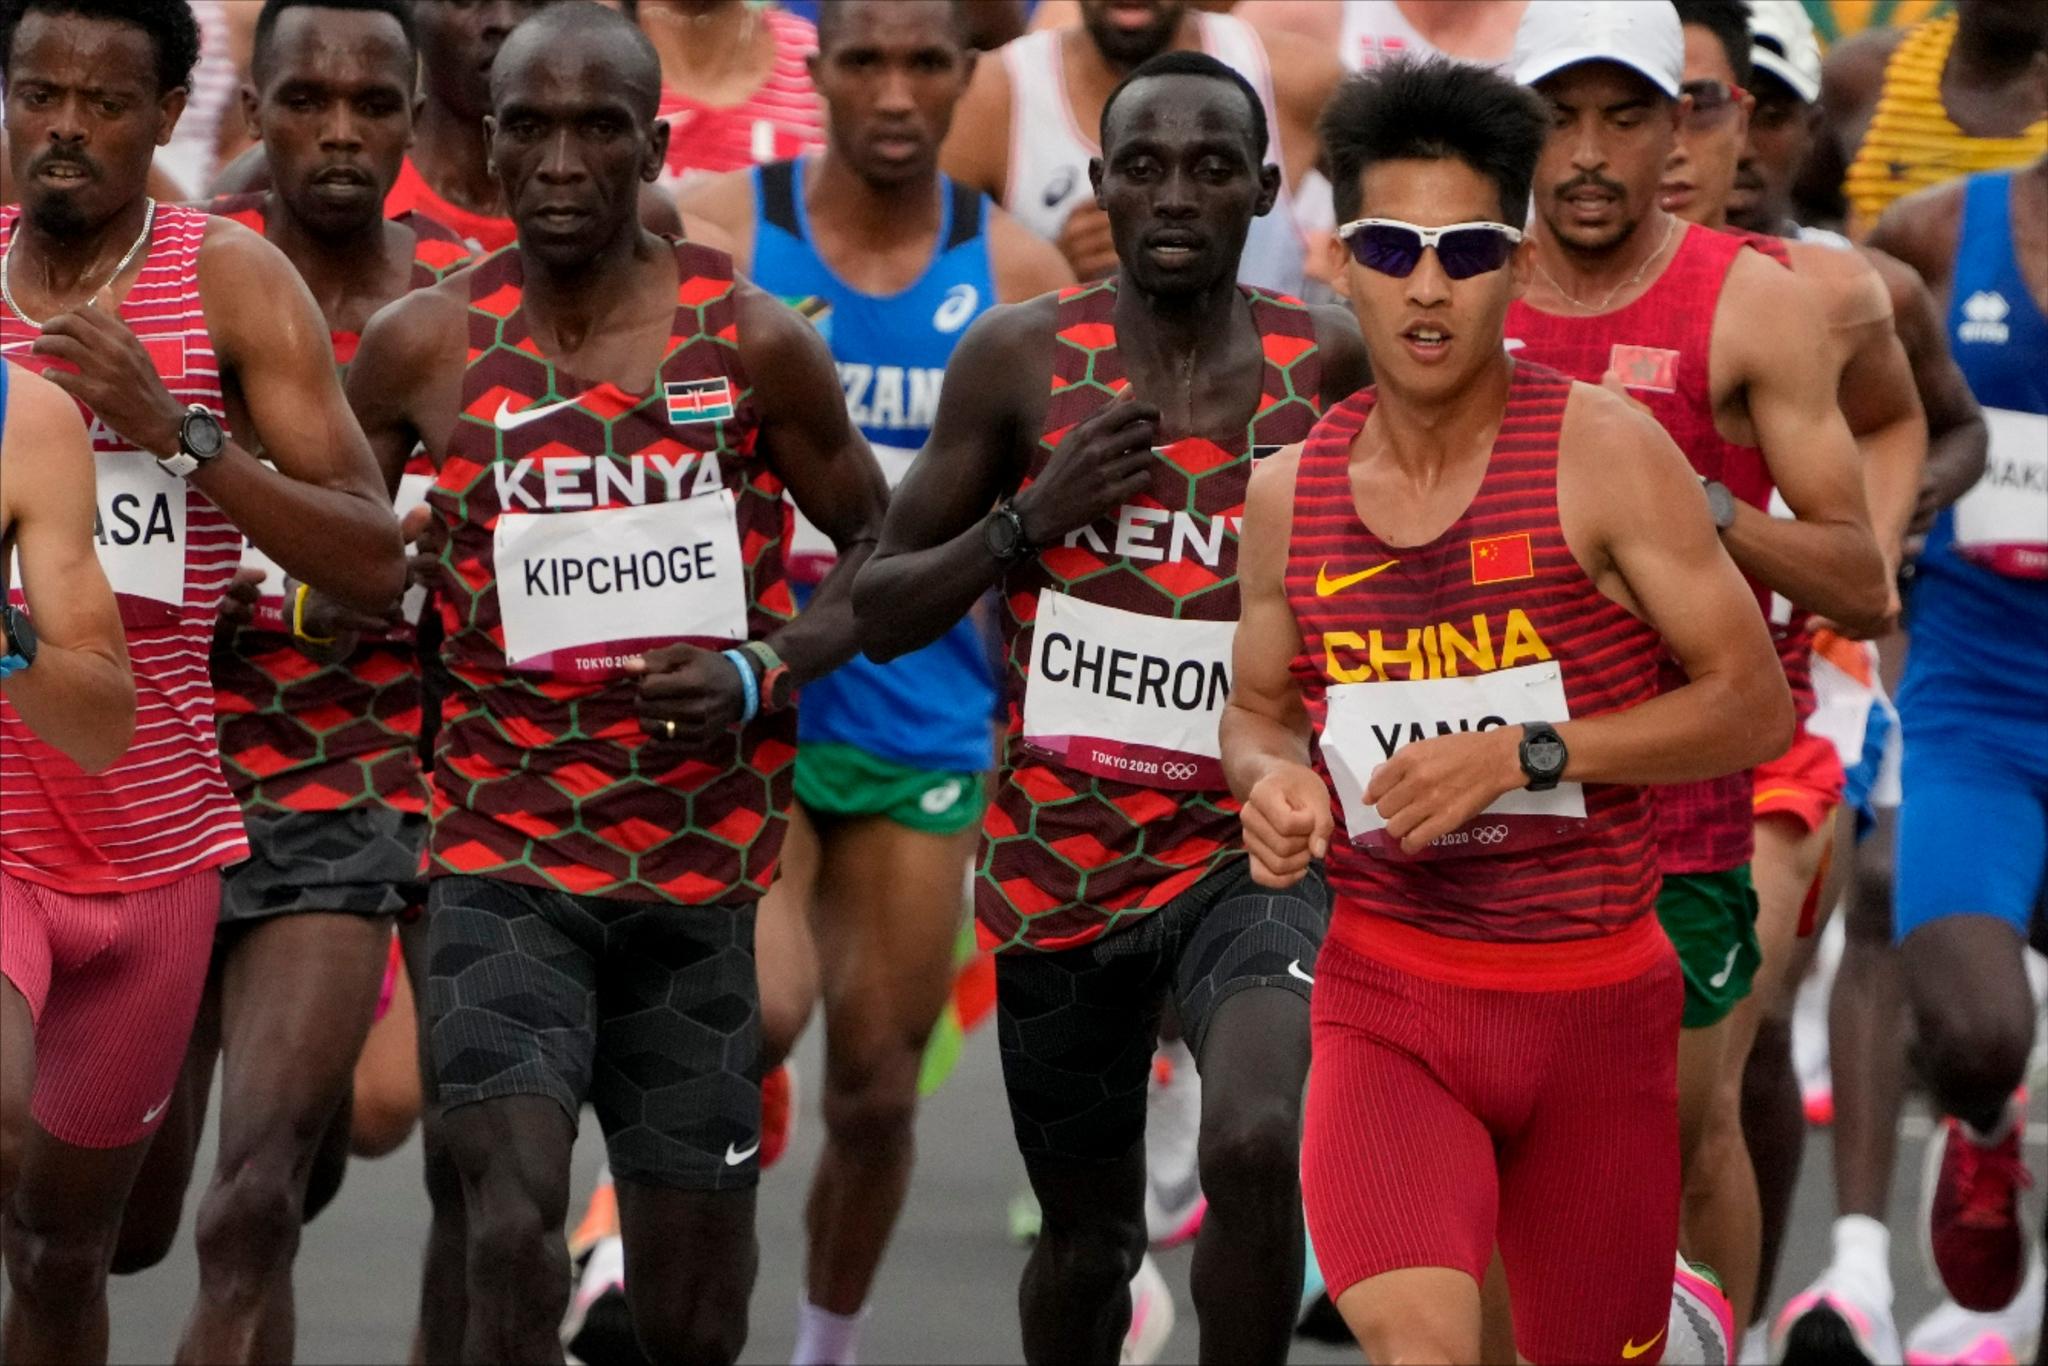 杨绍辉创中国奥运马拉松最佳战绩:我们不比日本选手差